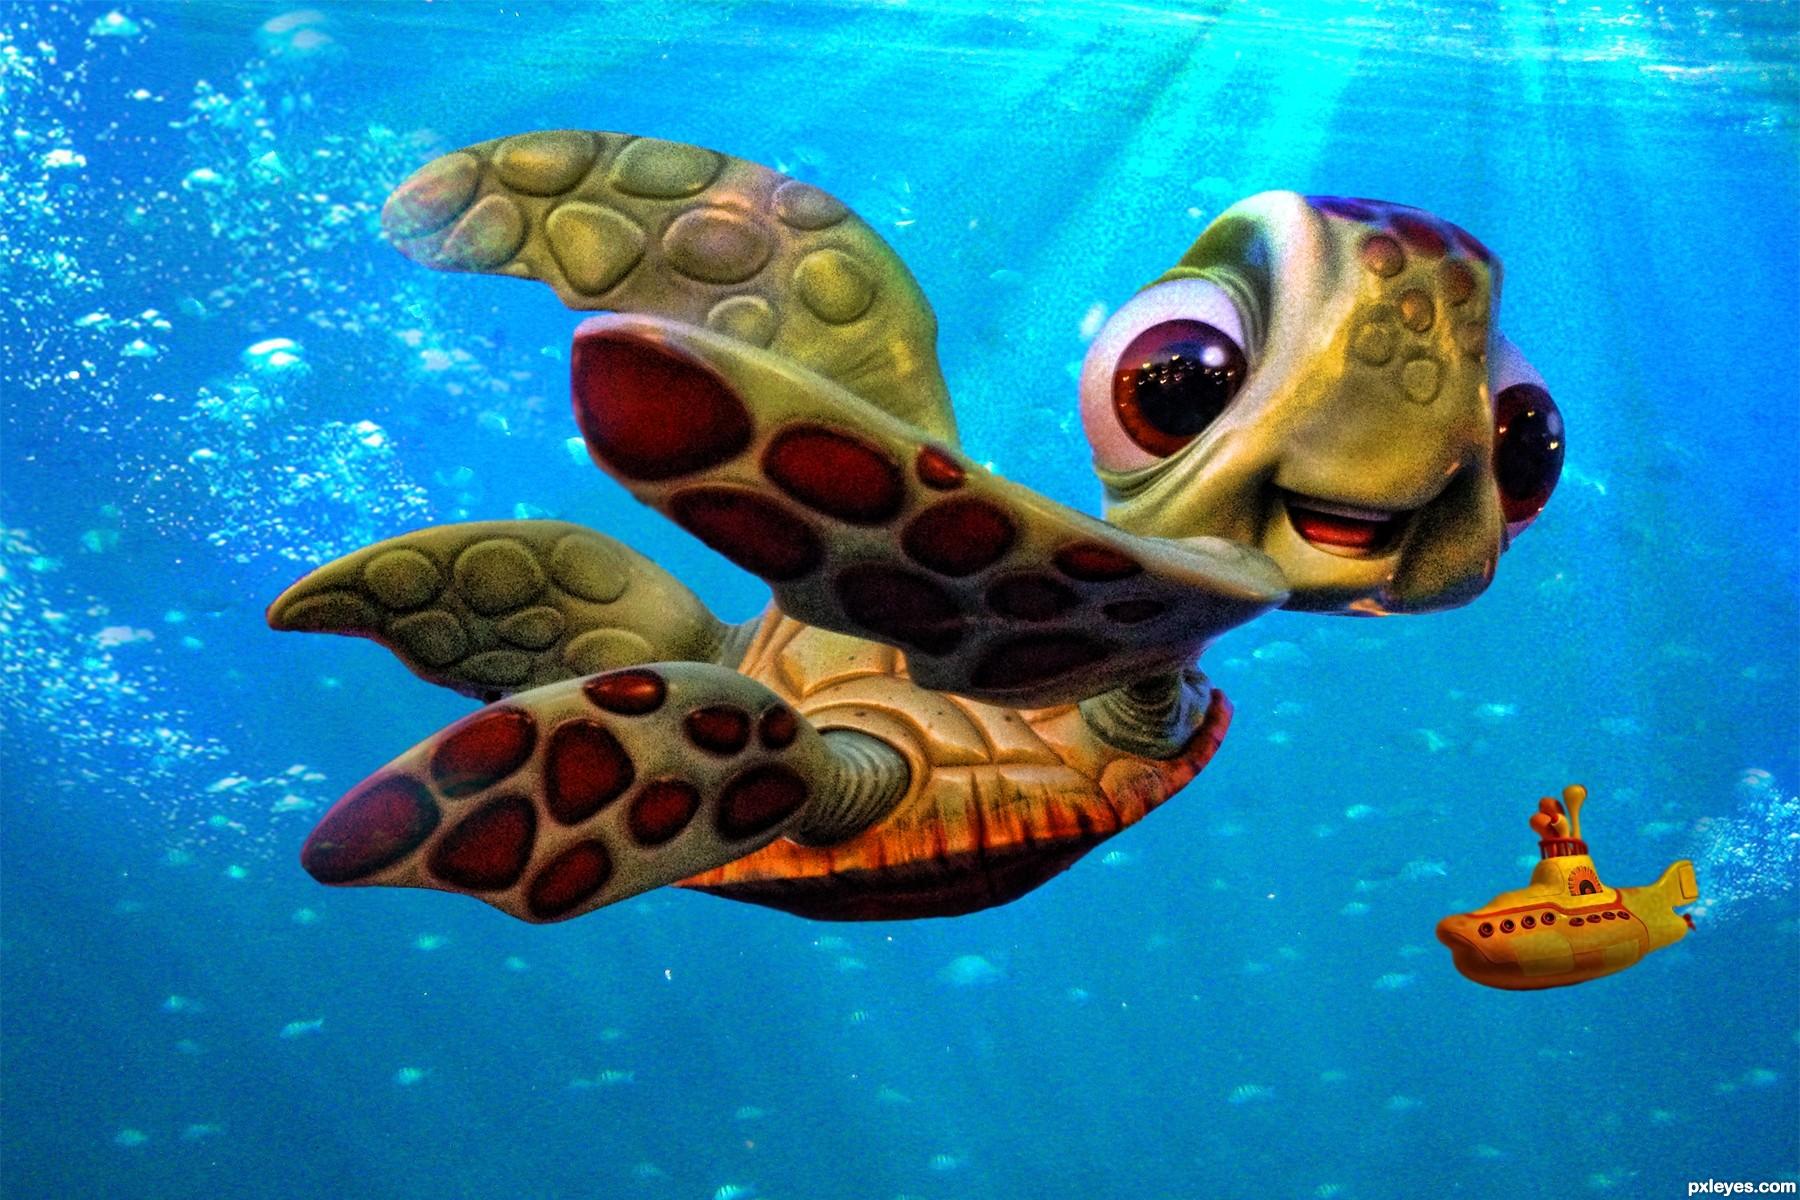 Baby turtles in ocean